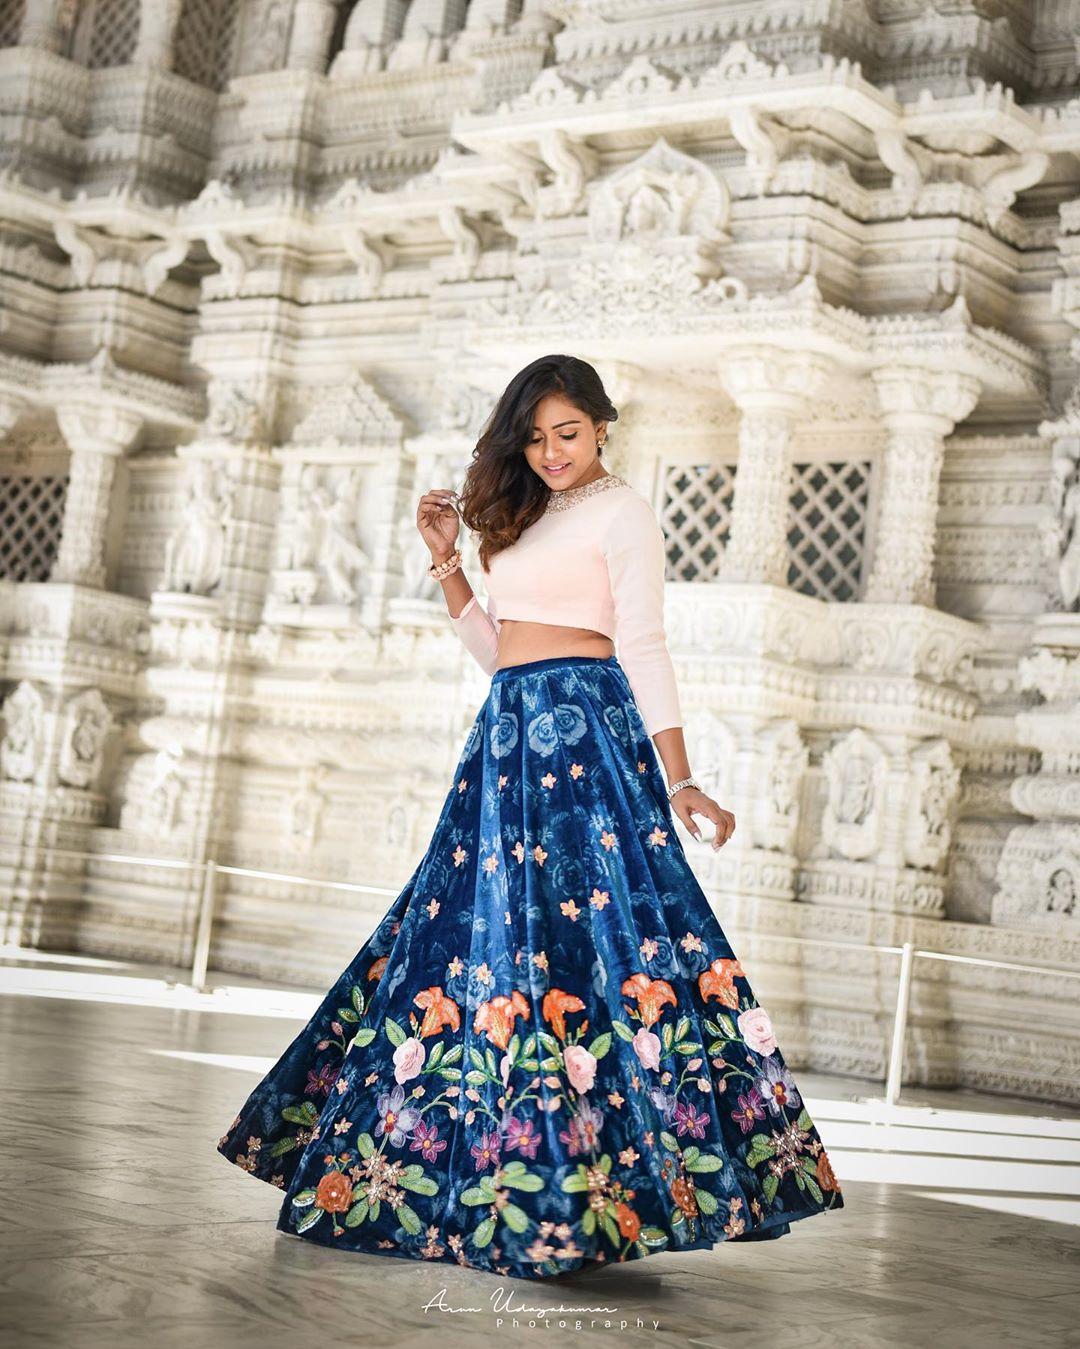 (Image : Vithika Sheru / Instagram)